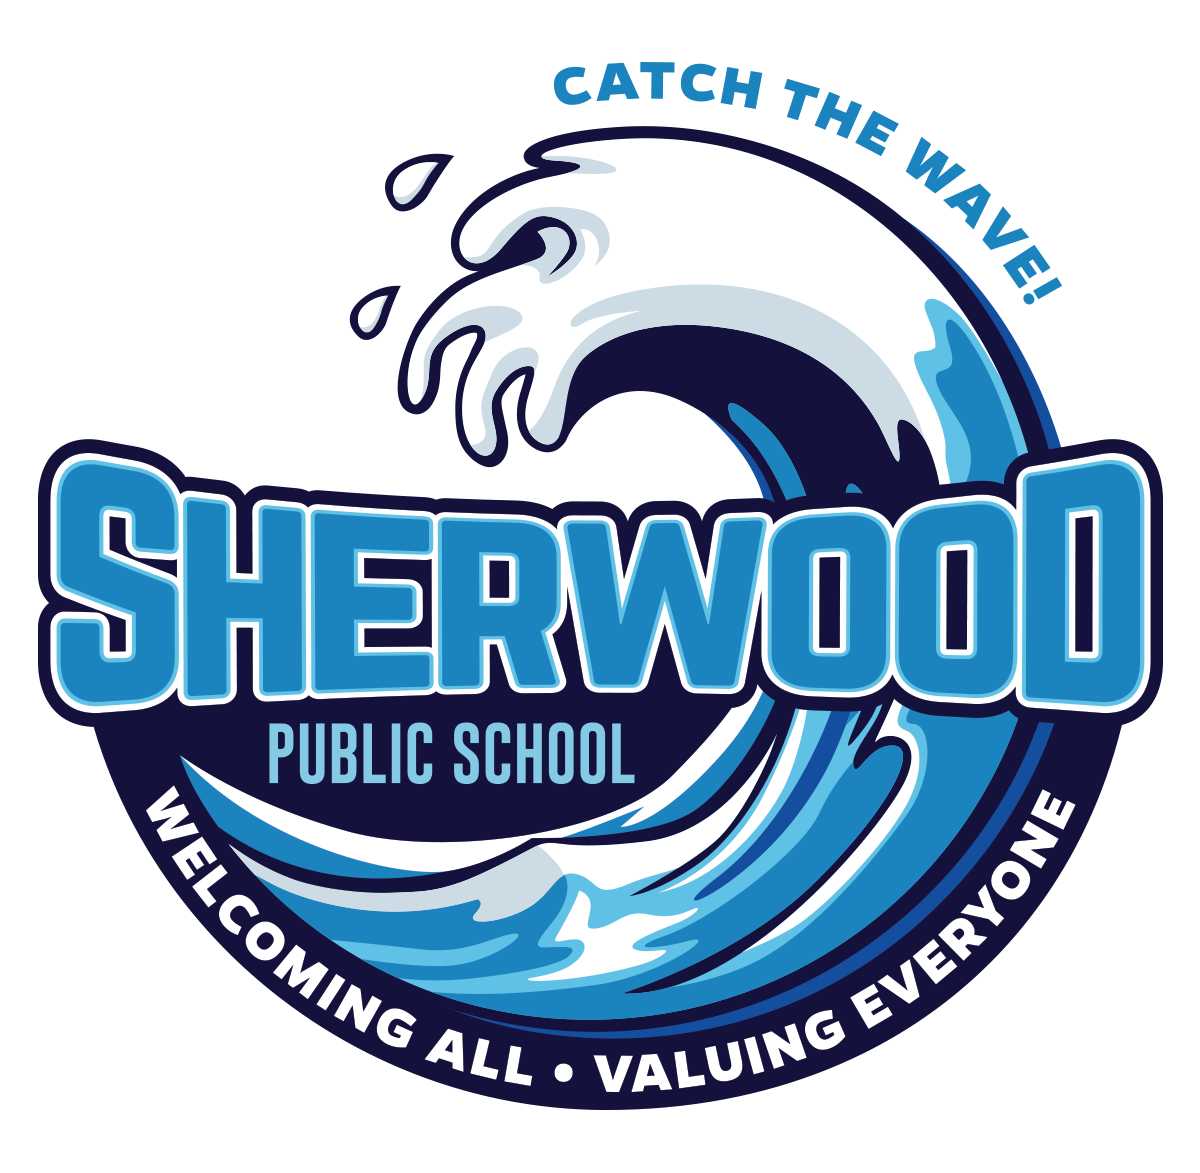 Sherwood Public School